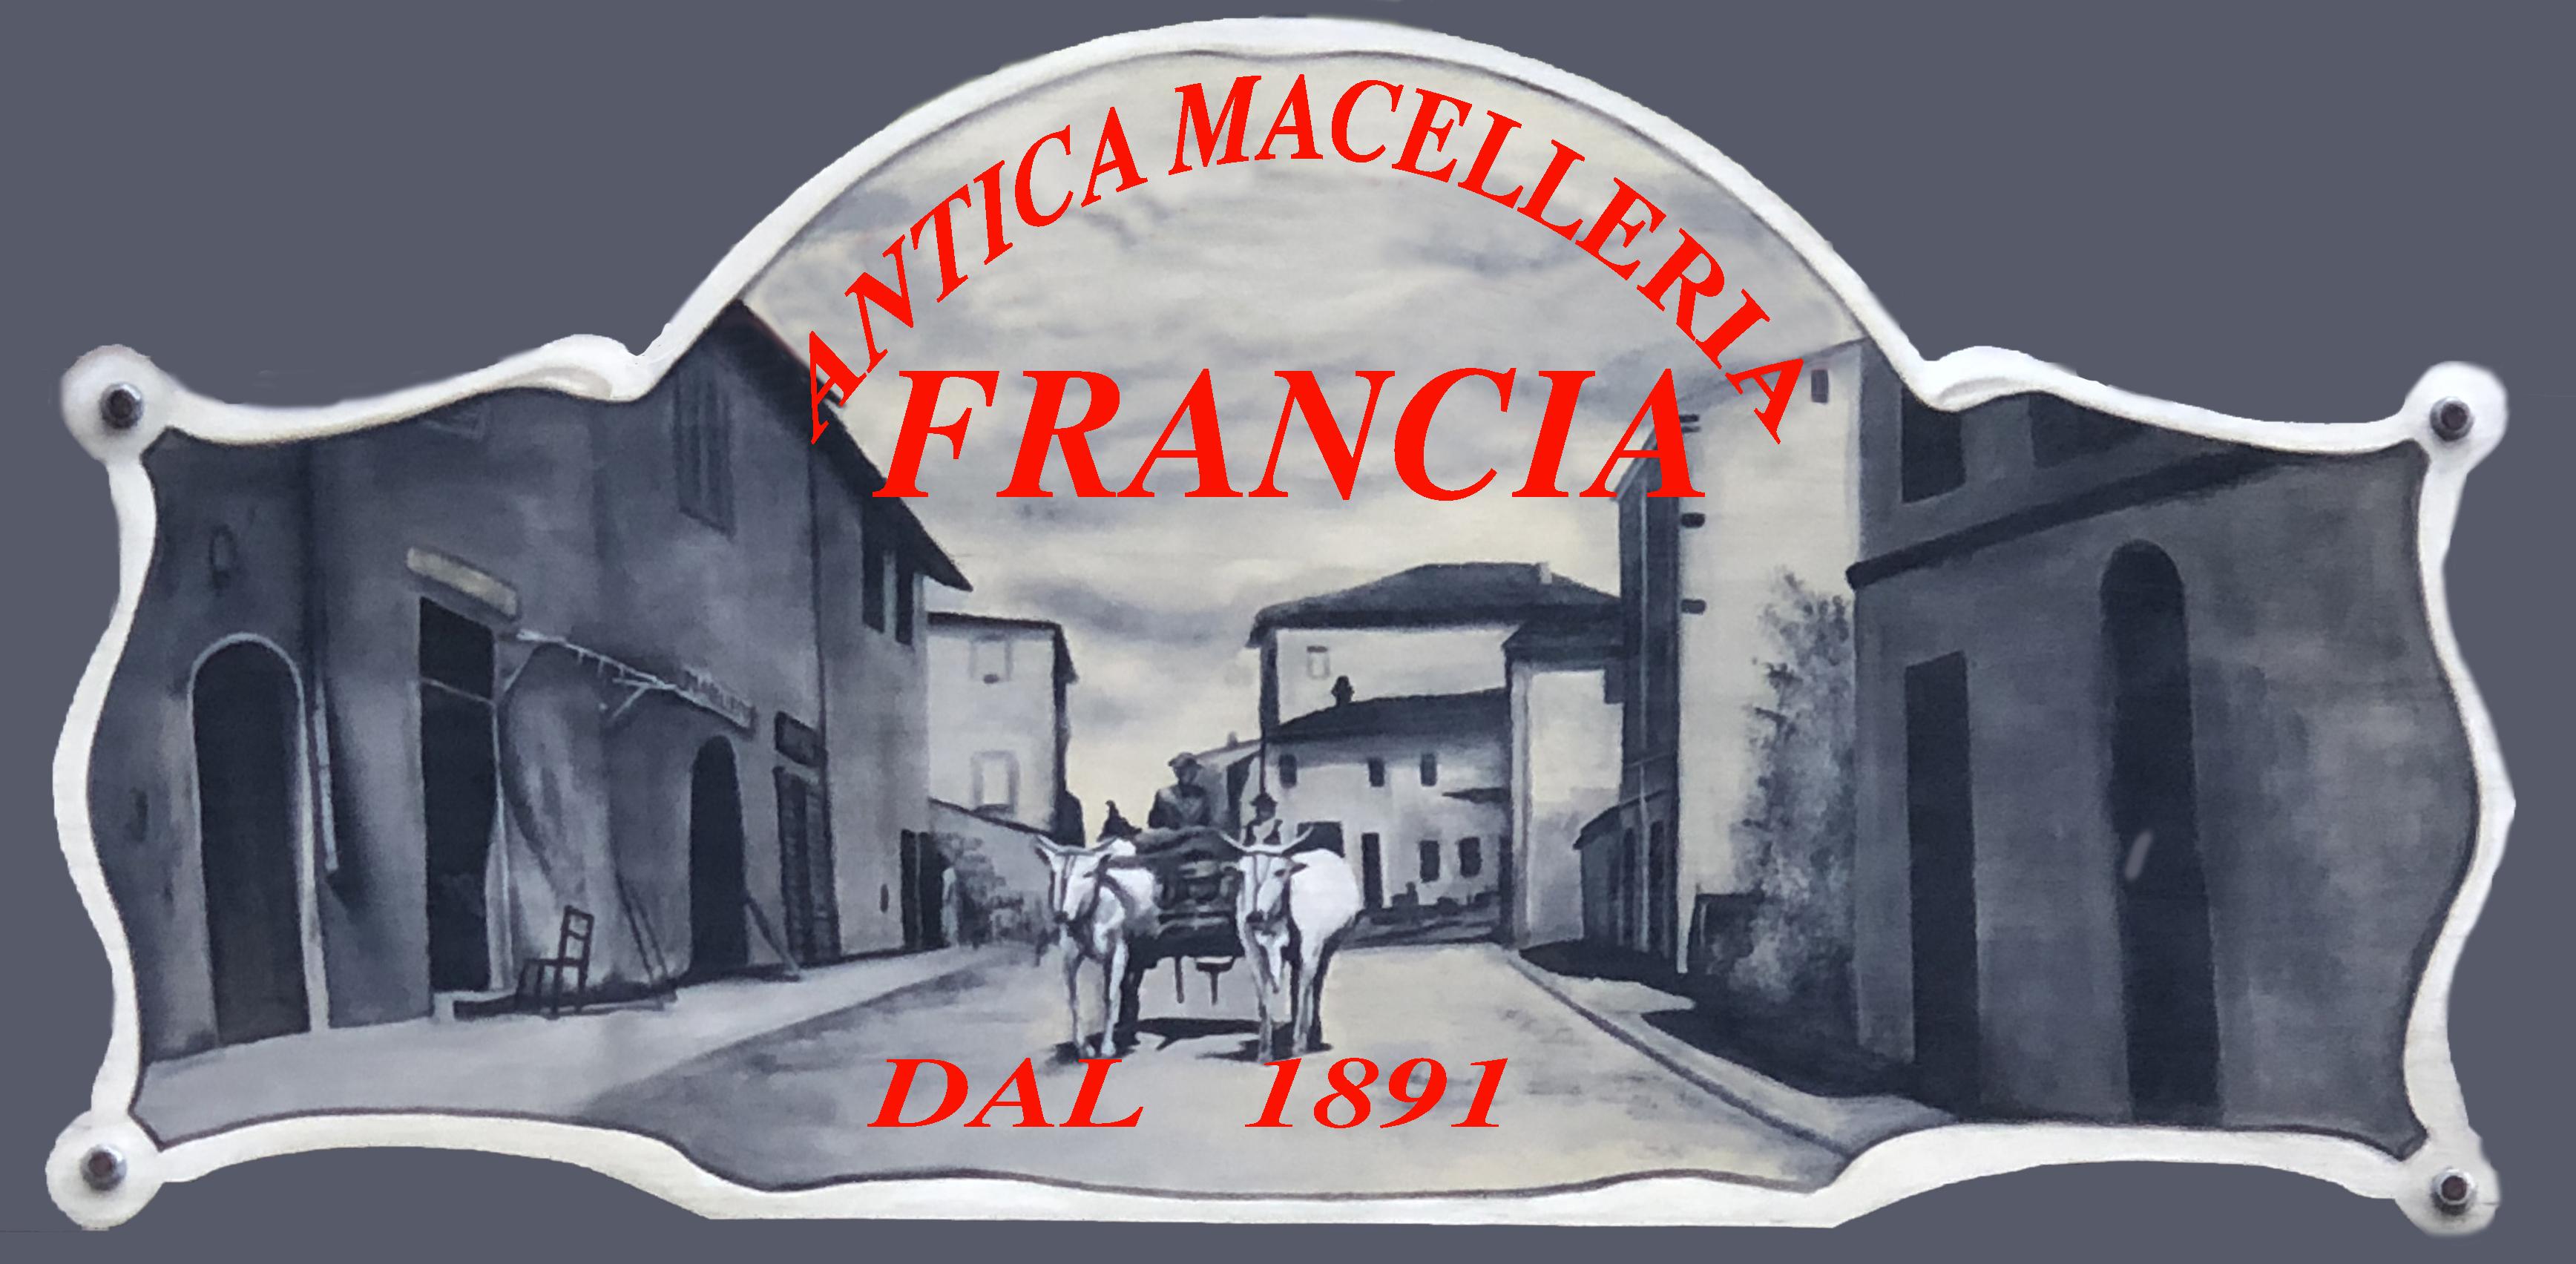 ANTICA MACELLERIA FRANCIA